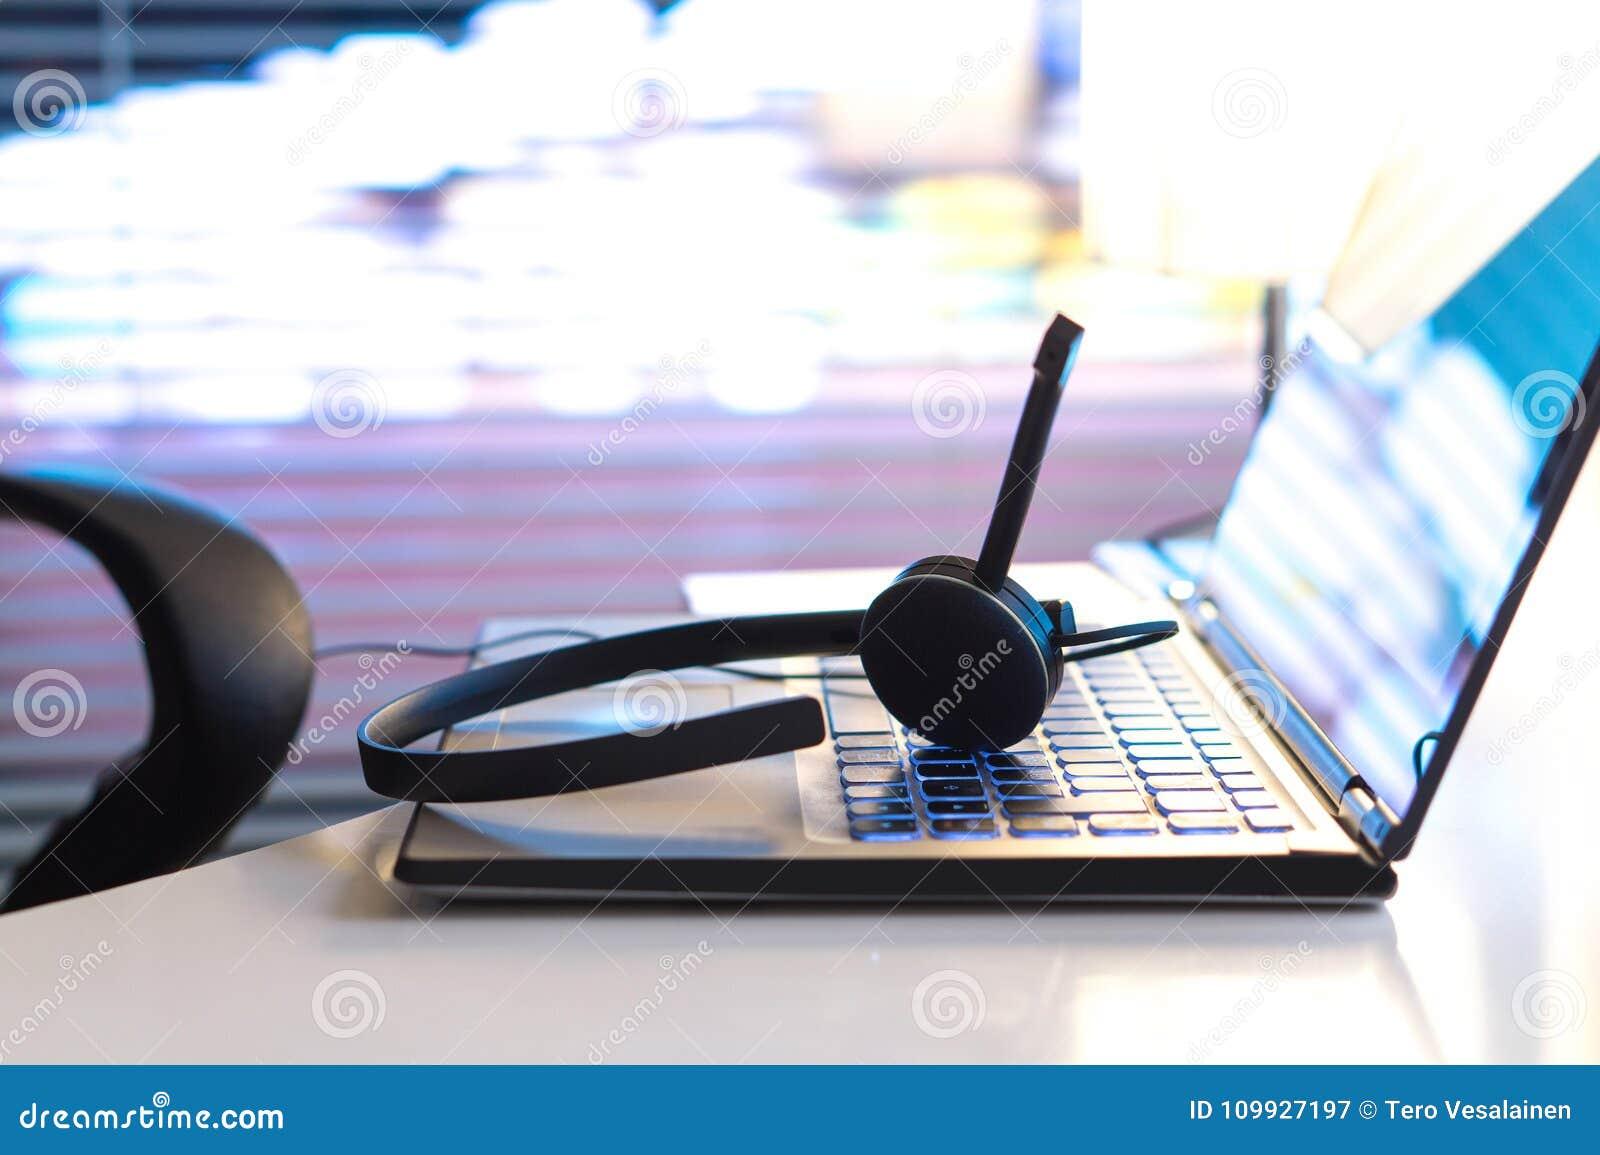 Beratungsstelle, 24/7 Kundendienst, Stützhotline oder Call-Center